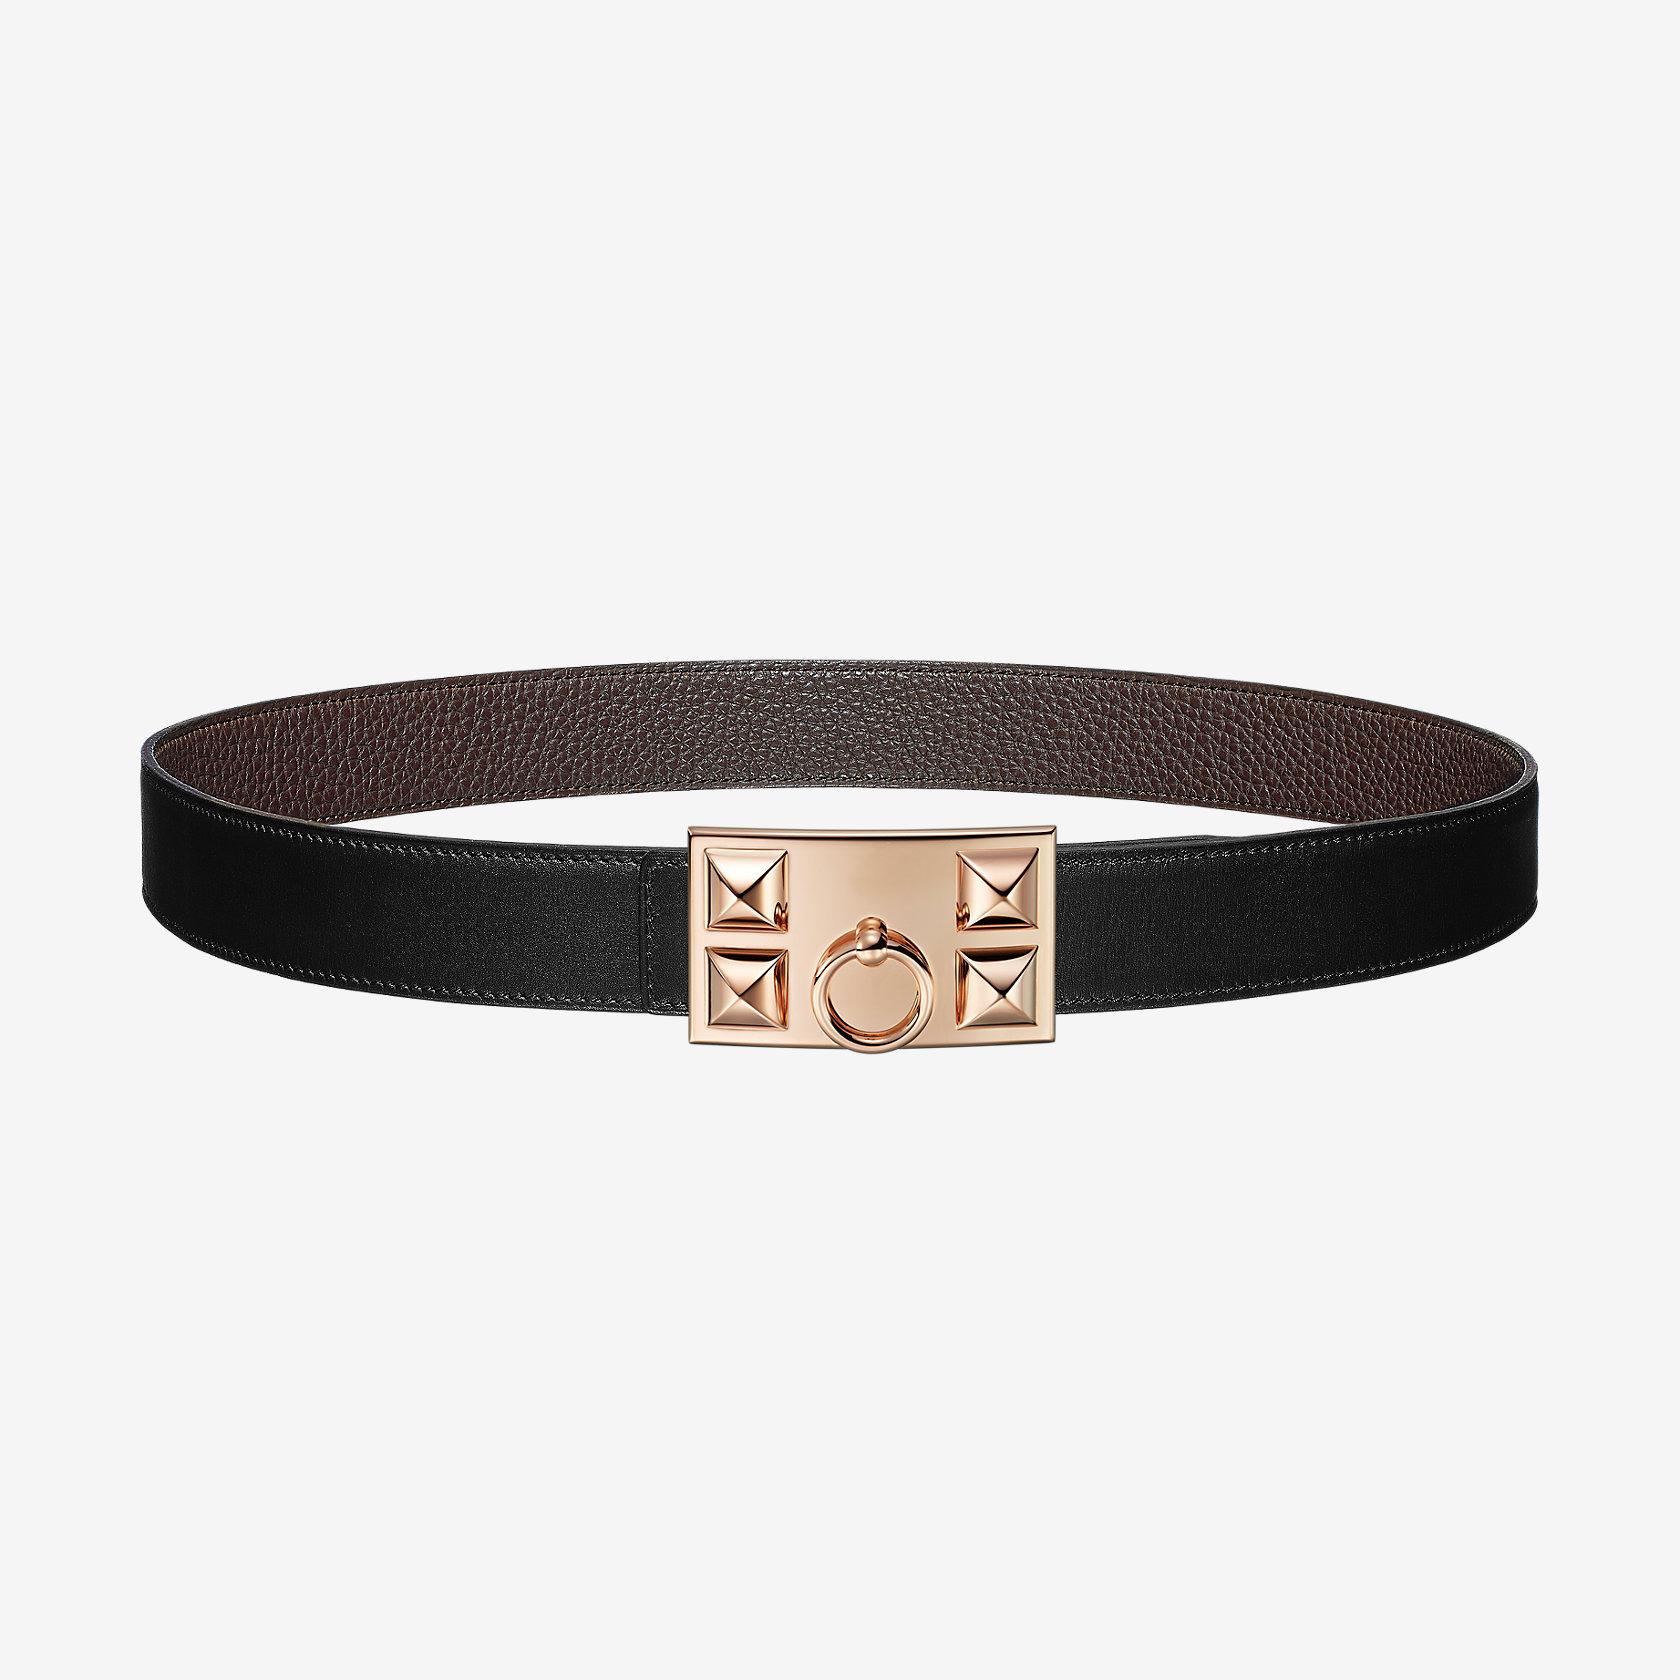 b86d35657e Boucle de ceinture Collier de Chien & Cuir de ceinture réversible 32 mm |  Hermès